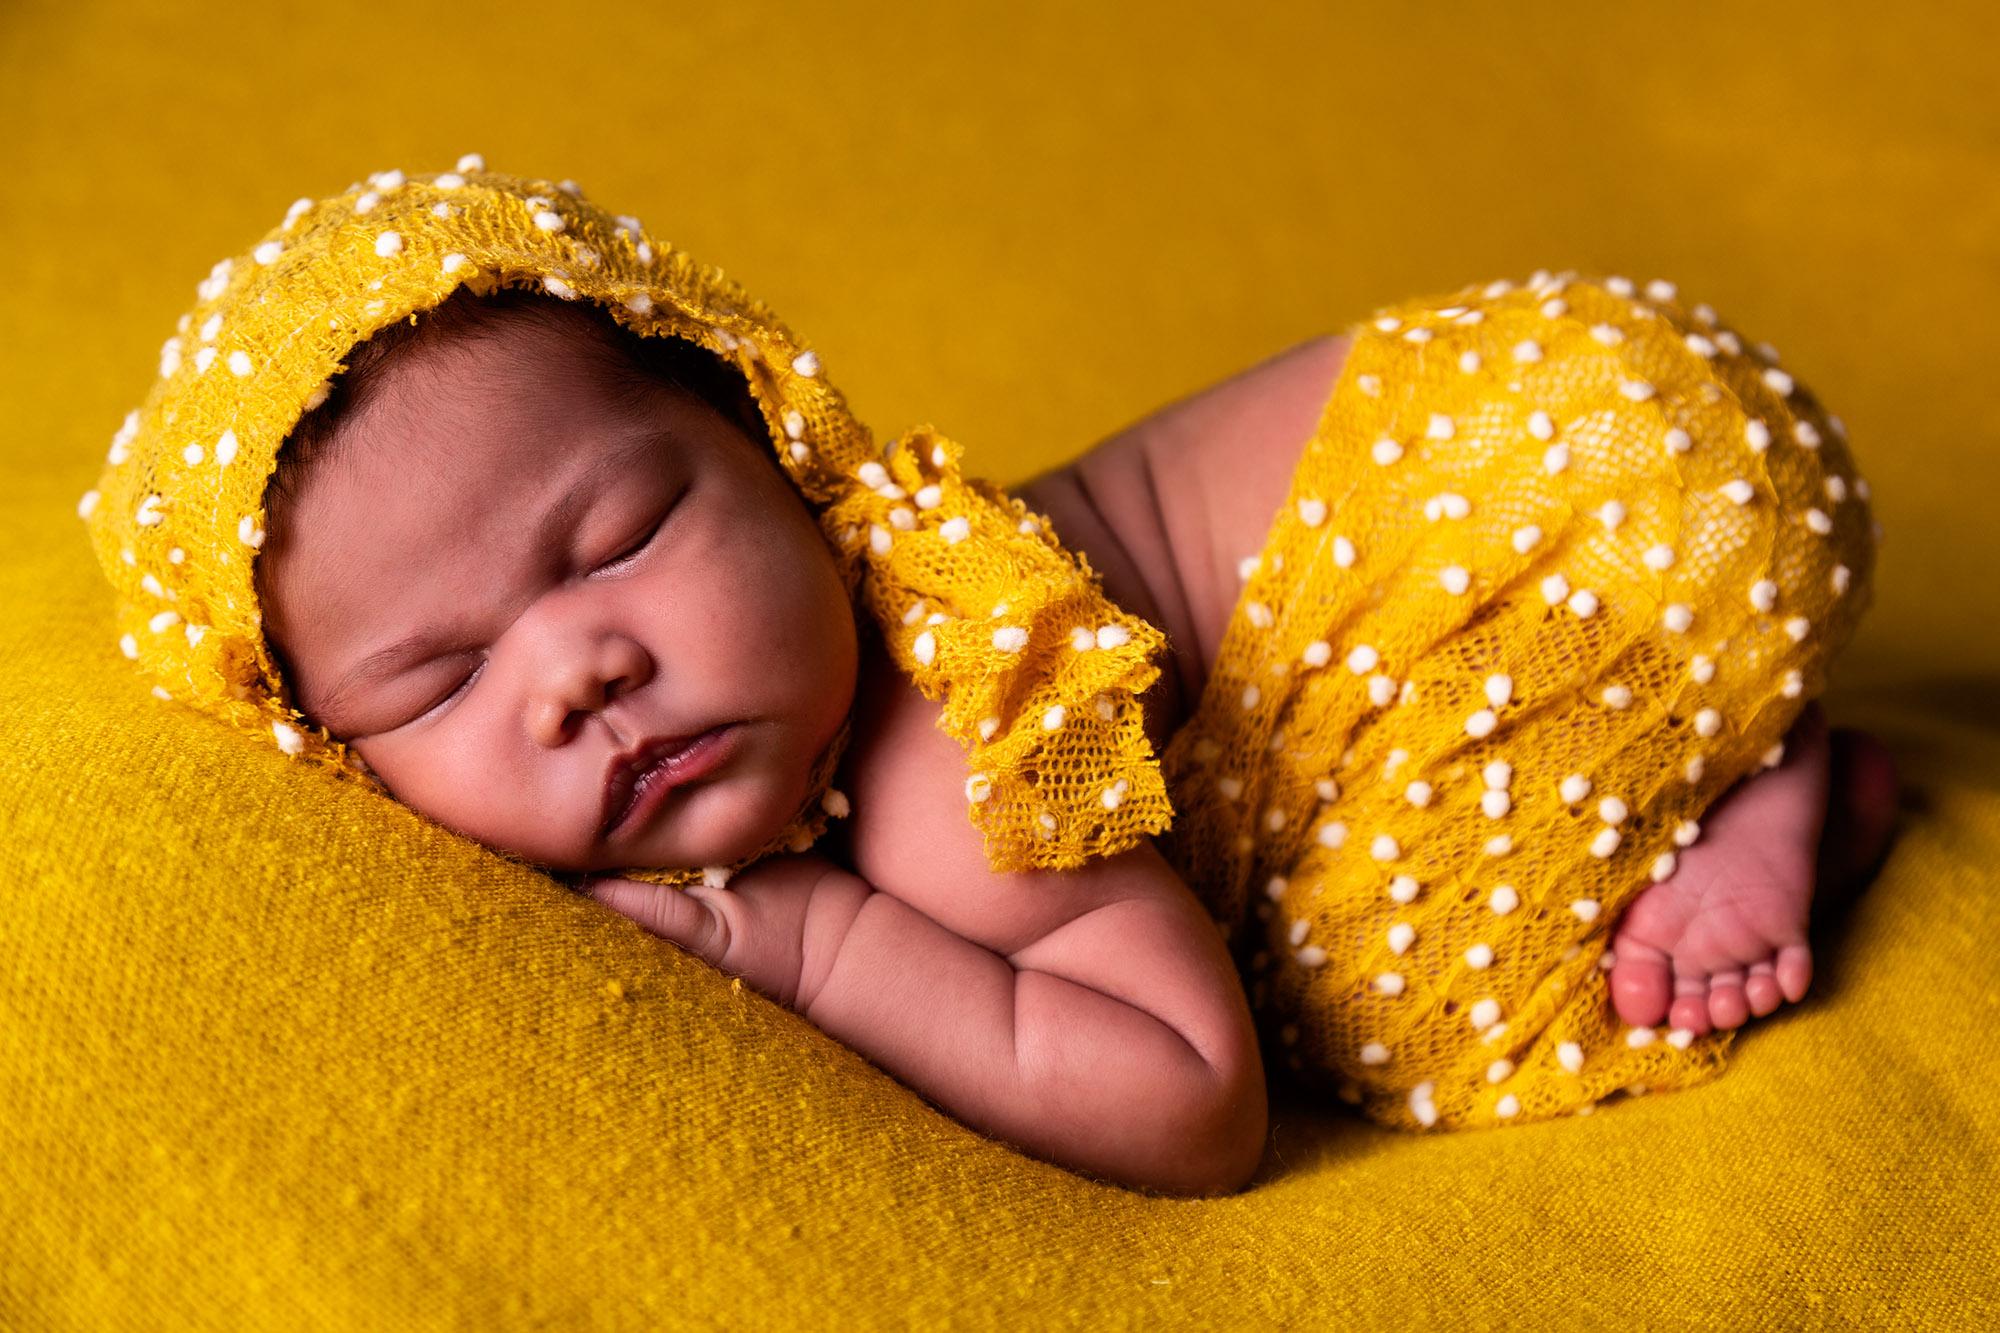 Newborn photographer sutton coldfield baby